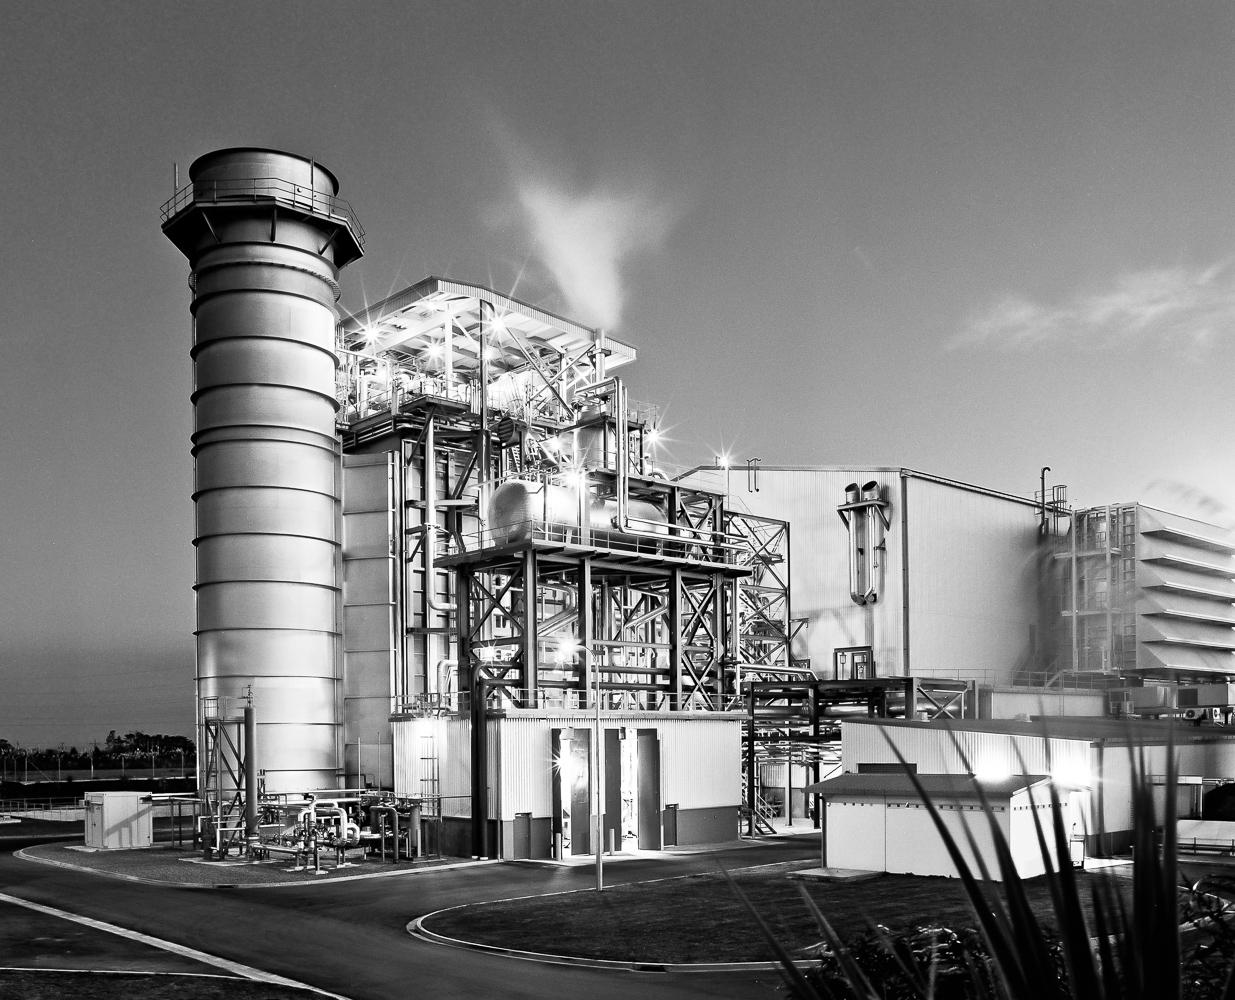 Taranaki-power-Wellington-photographer-Paul-Fisher.jpg